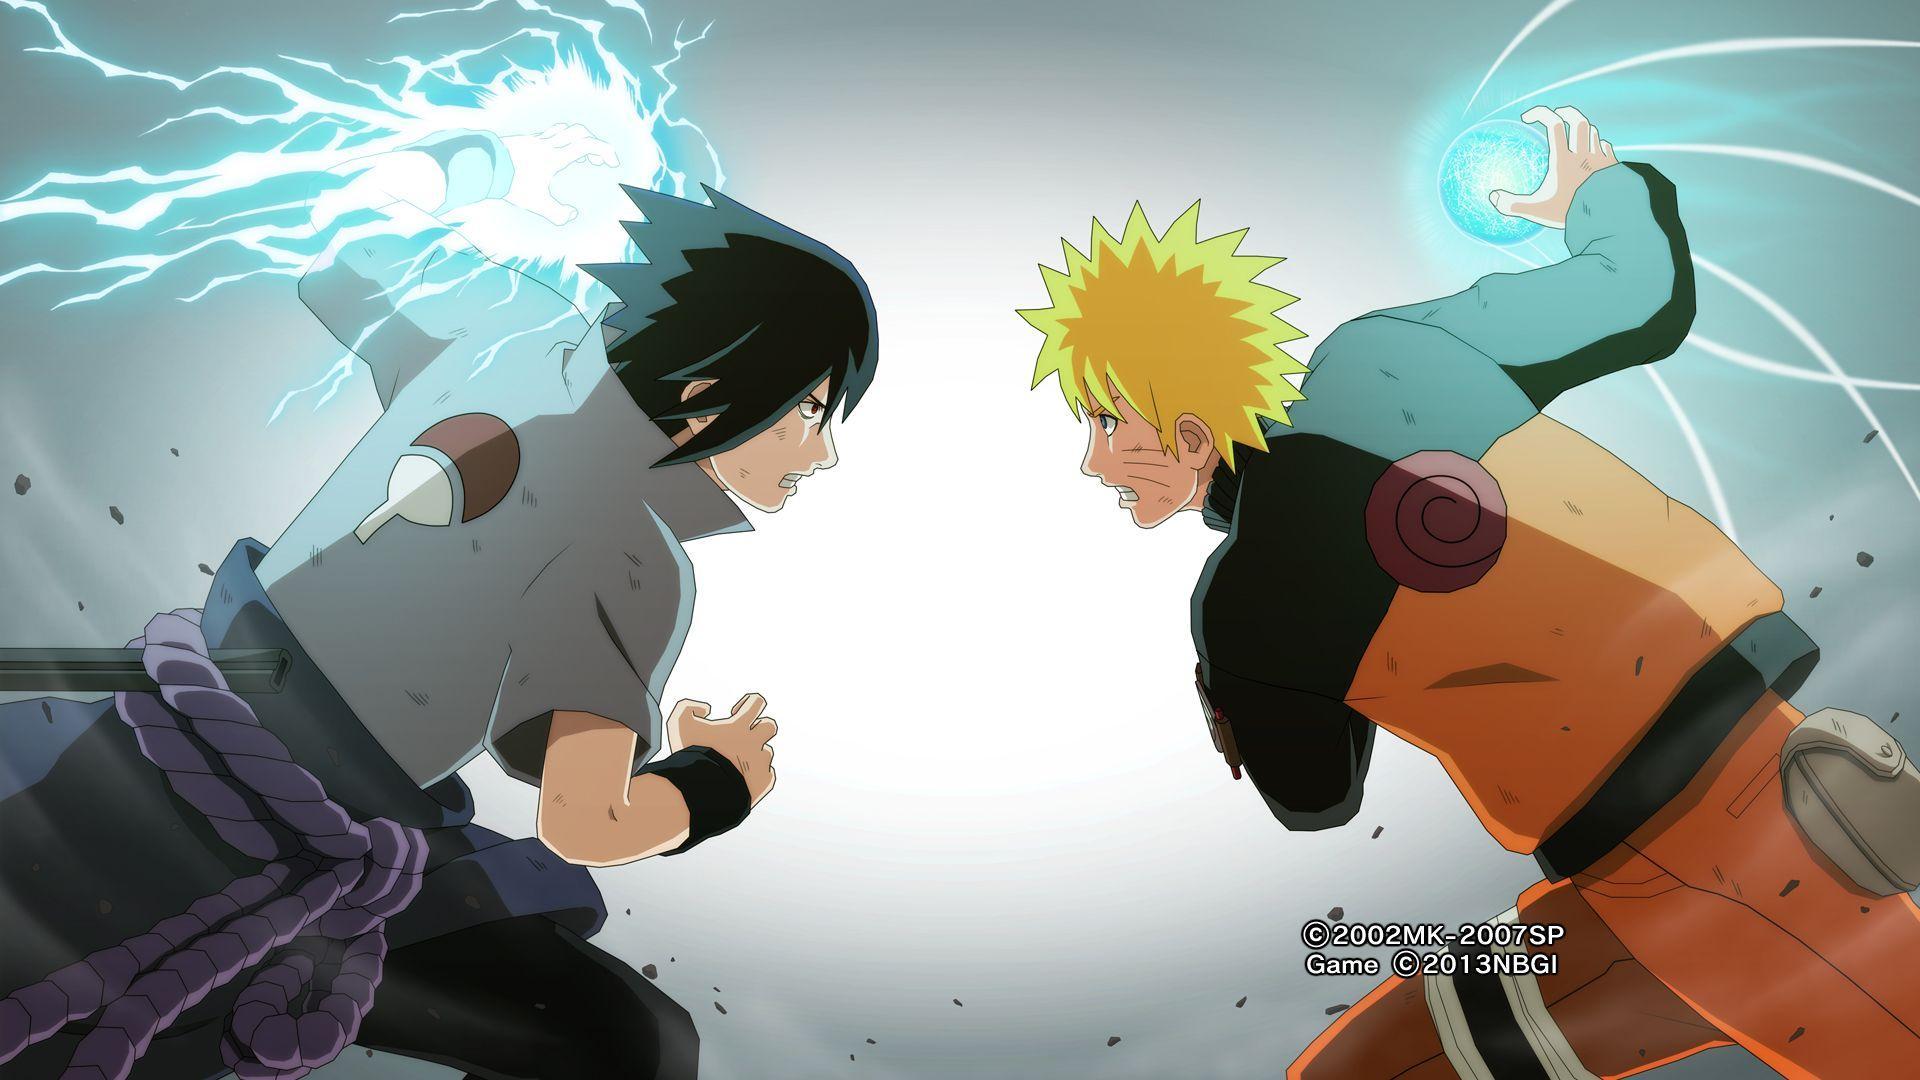 Unduh 61 Wallpaper Naruto Terkeren Hd Gratis Terbaru